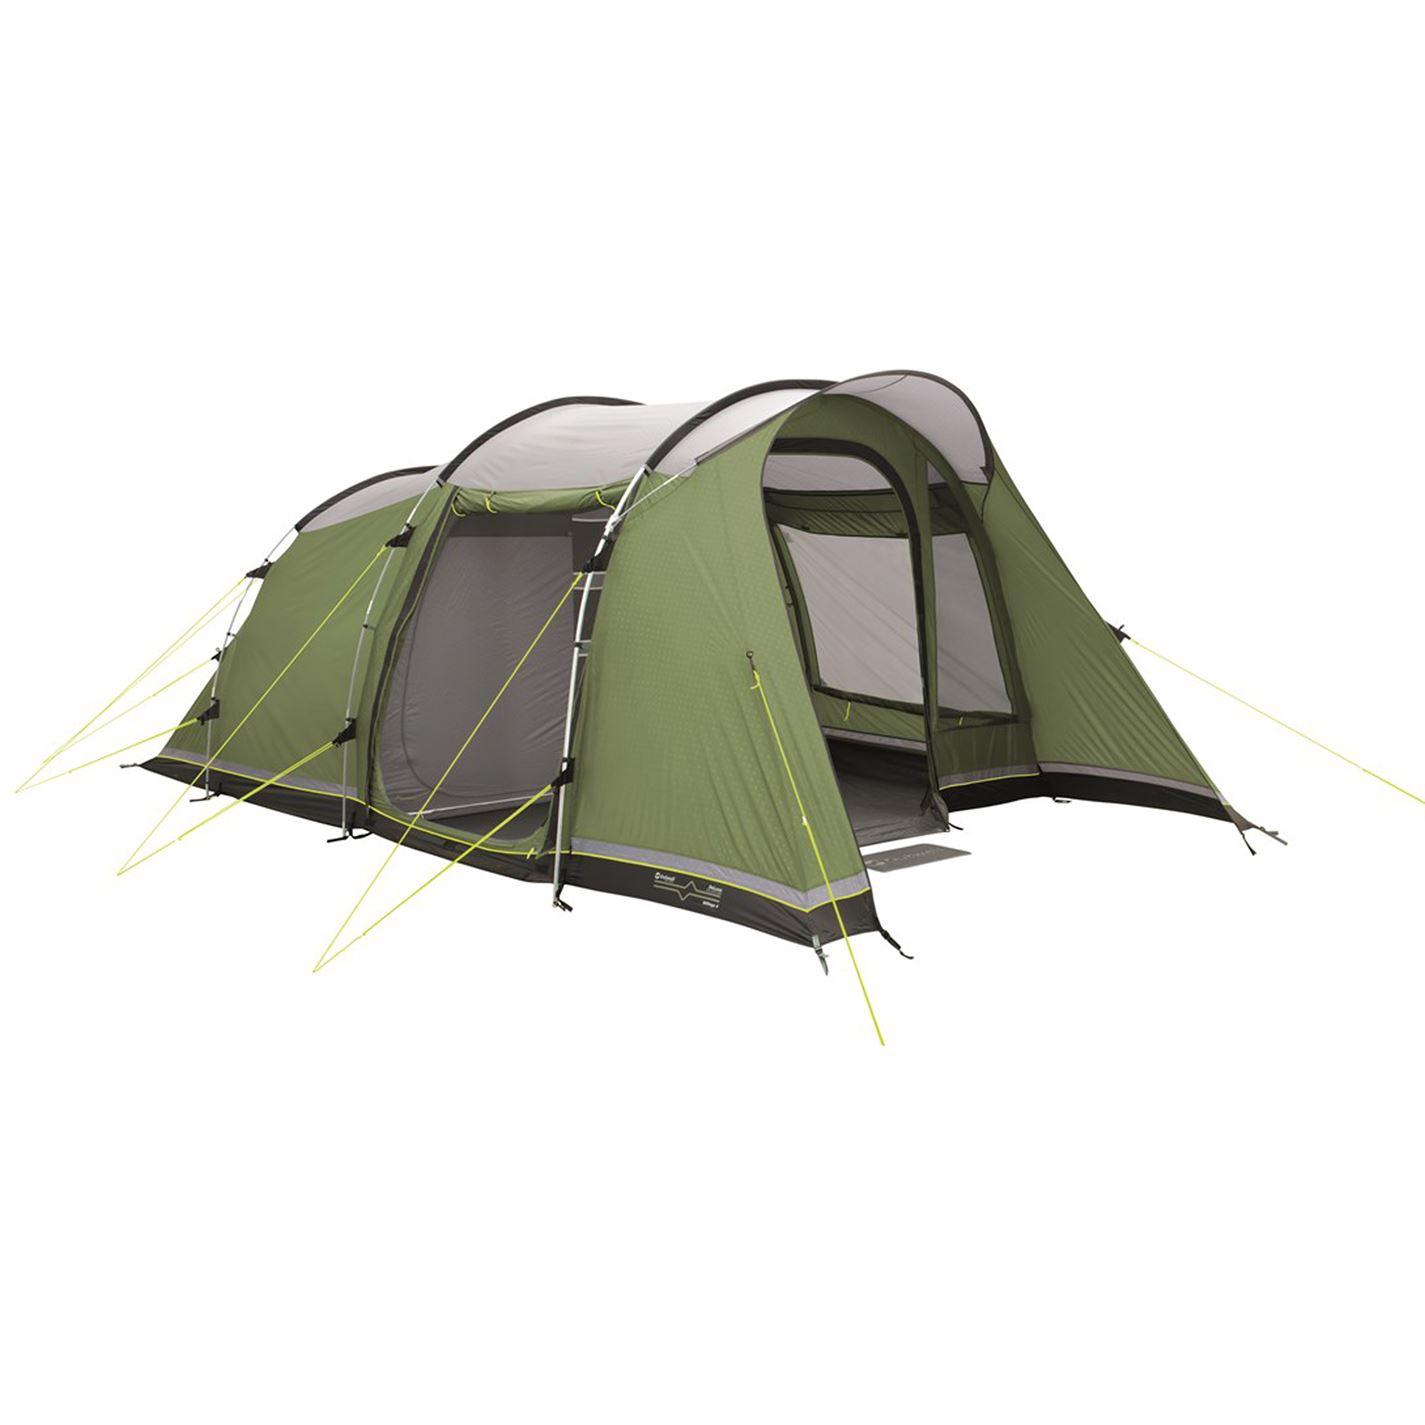 Gelert Quickpitch 3DS Tent